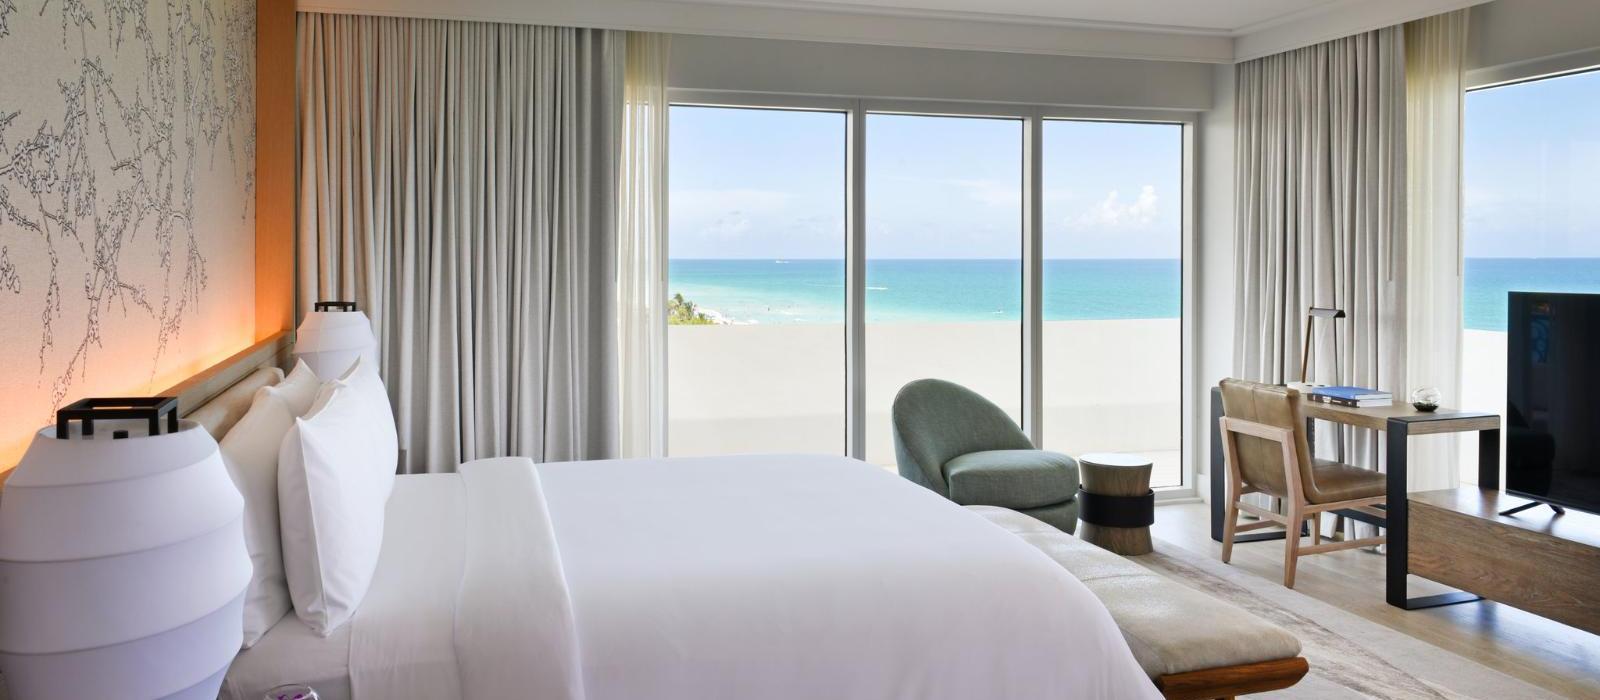 迈阿密海滩诺布酒店(Nobu Hotel Miami Beach) 图片  www.lhw.cn